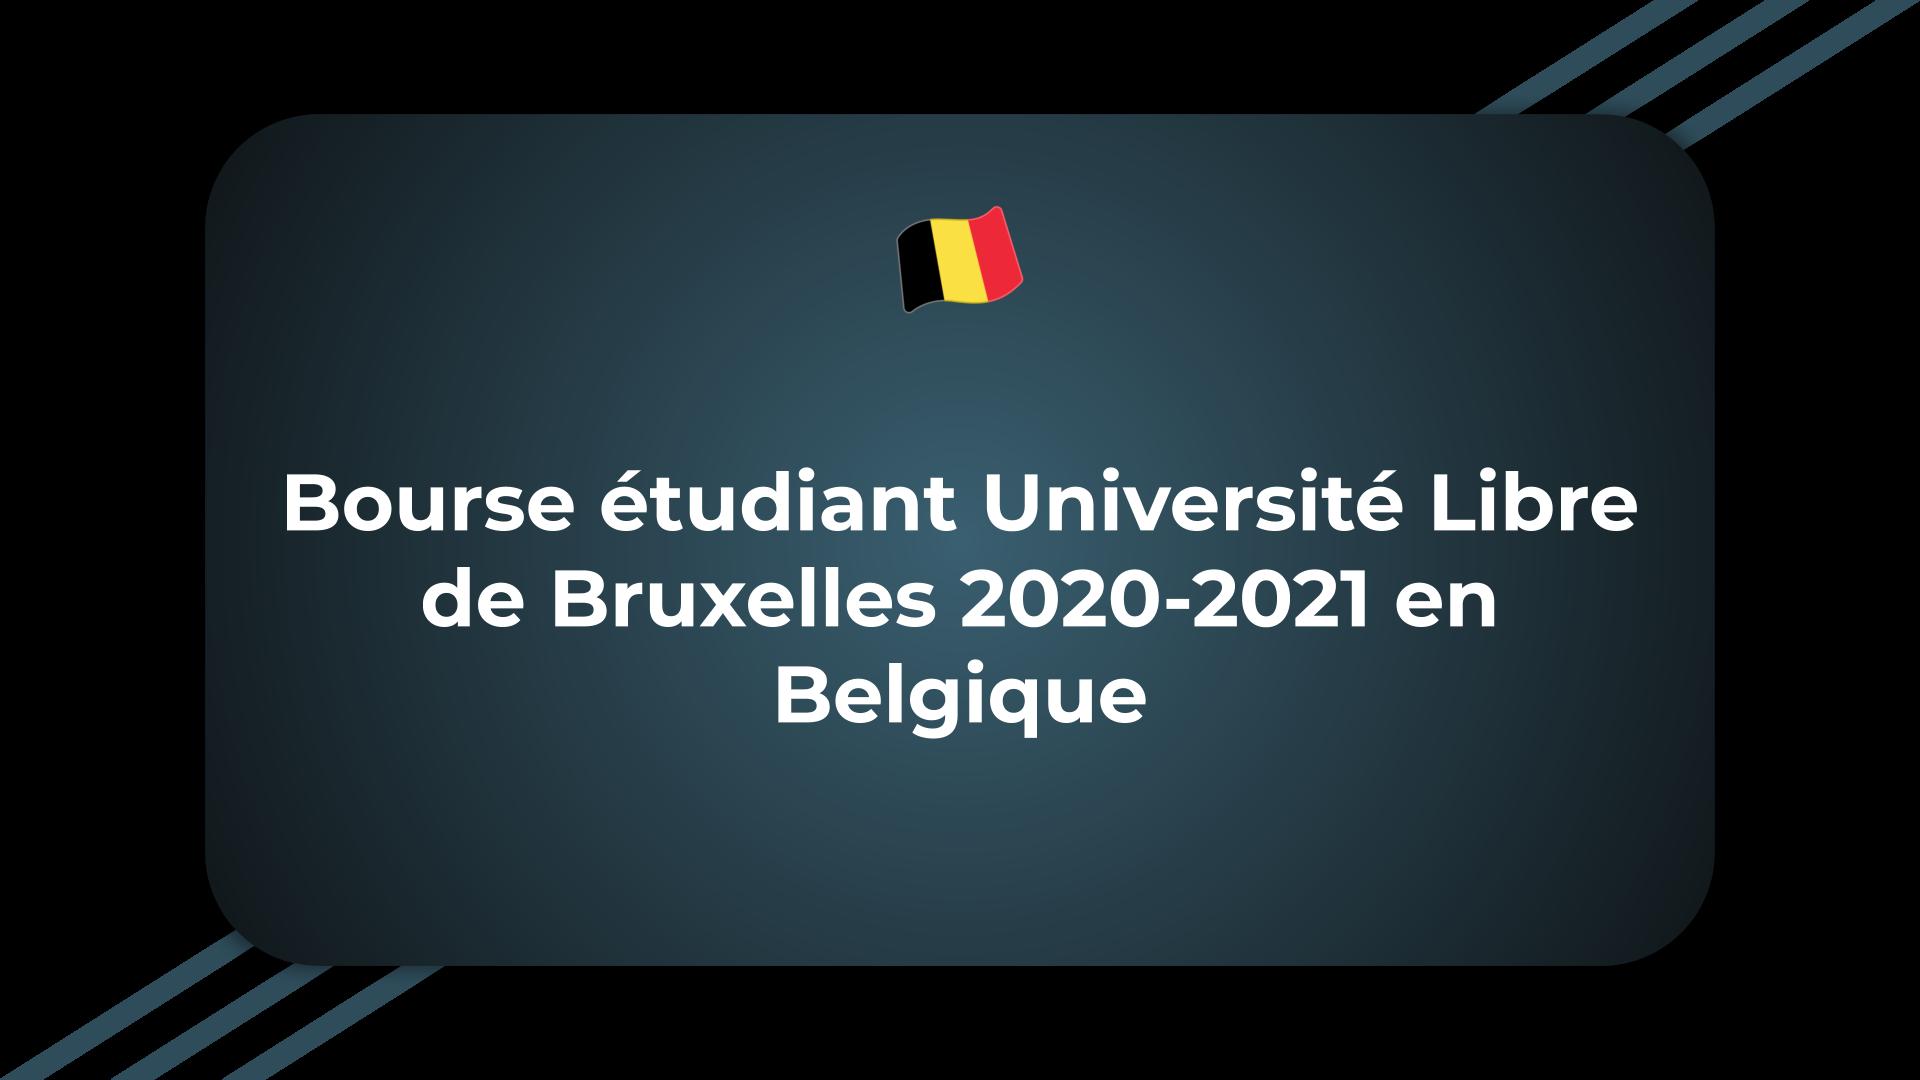 Bourse étudiant Université Libre de Bruxelles